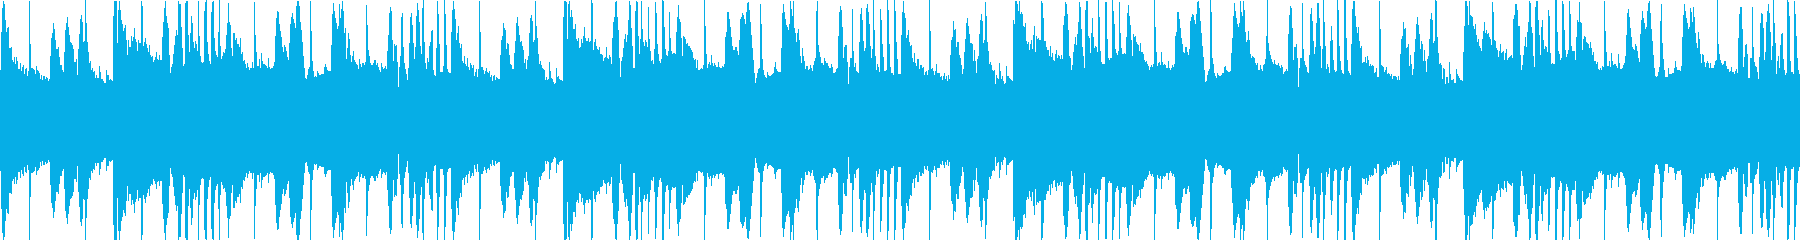 ギターのハーモニクス、ピアノ、シン...の再生済みの波形